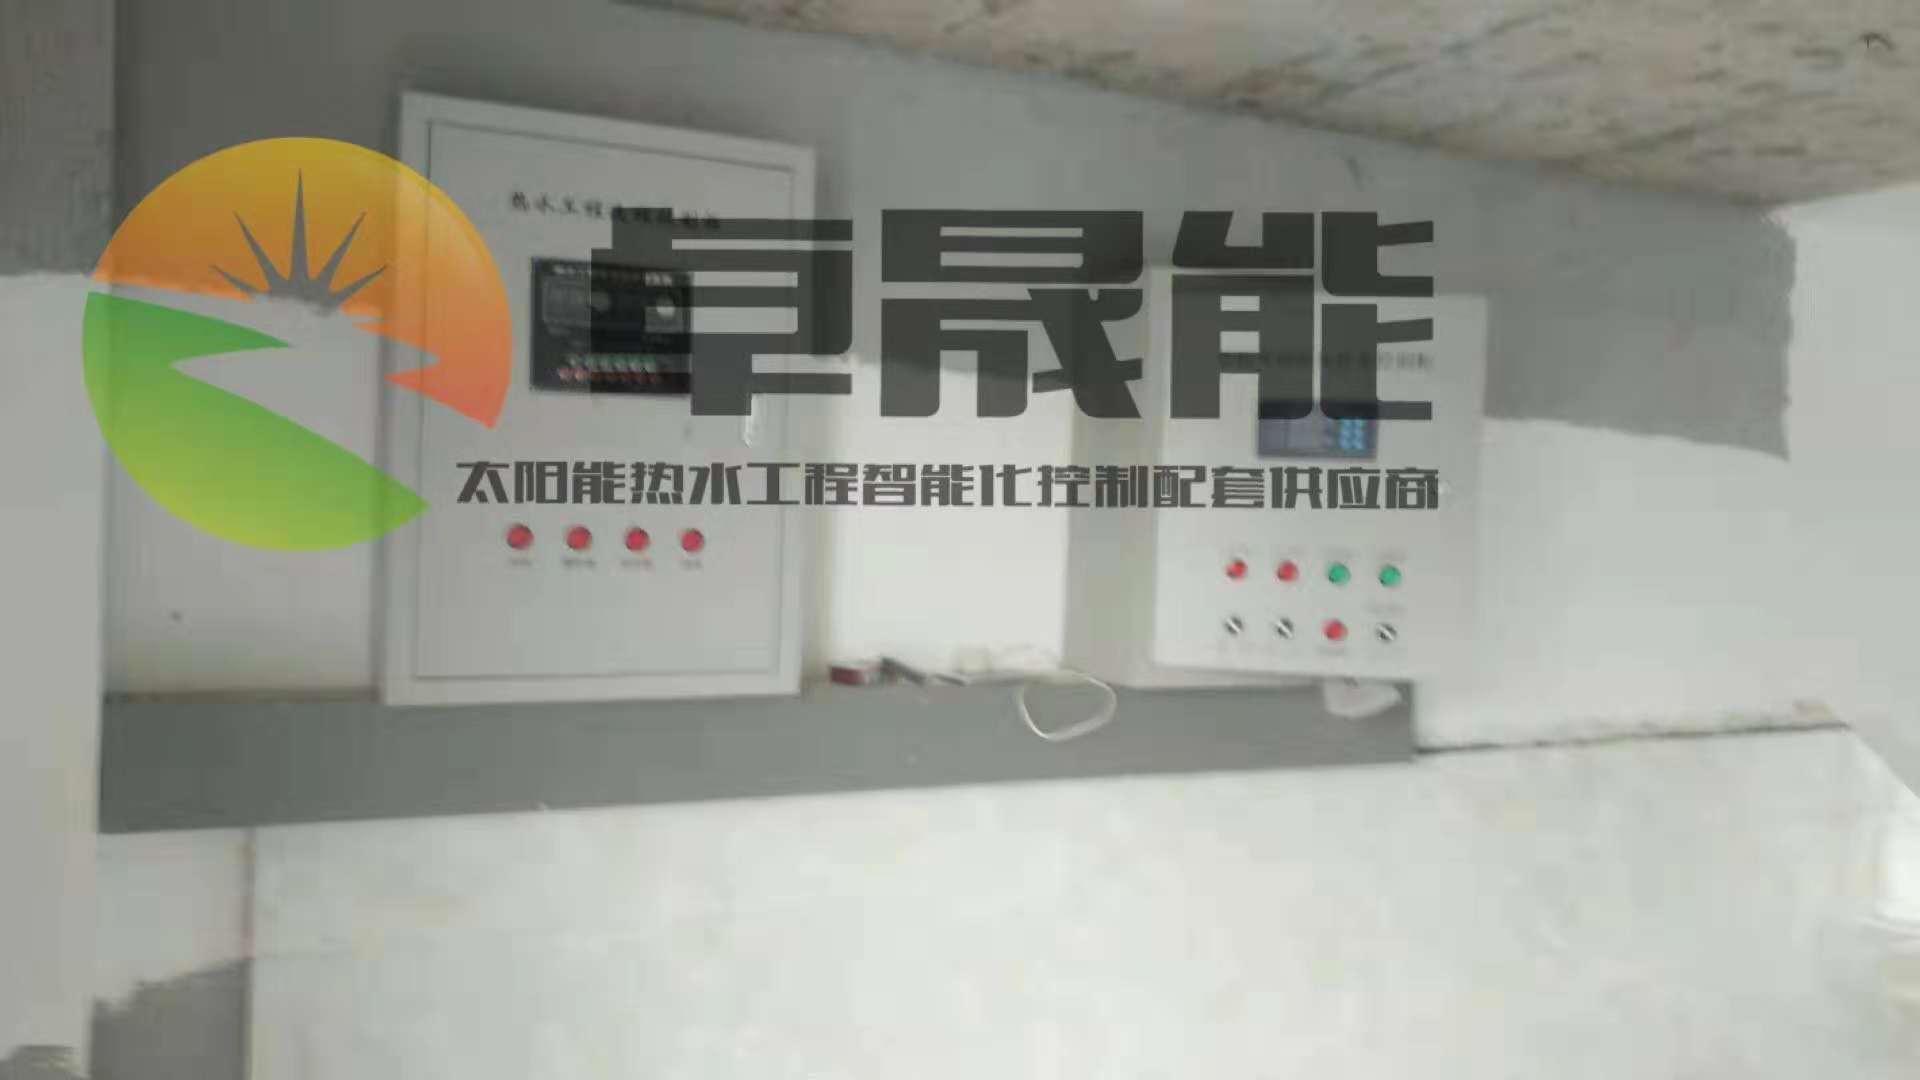 太阳能热水工程配套设备供应,广西太阳热水工程